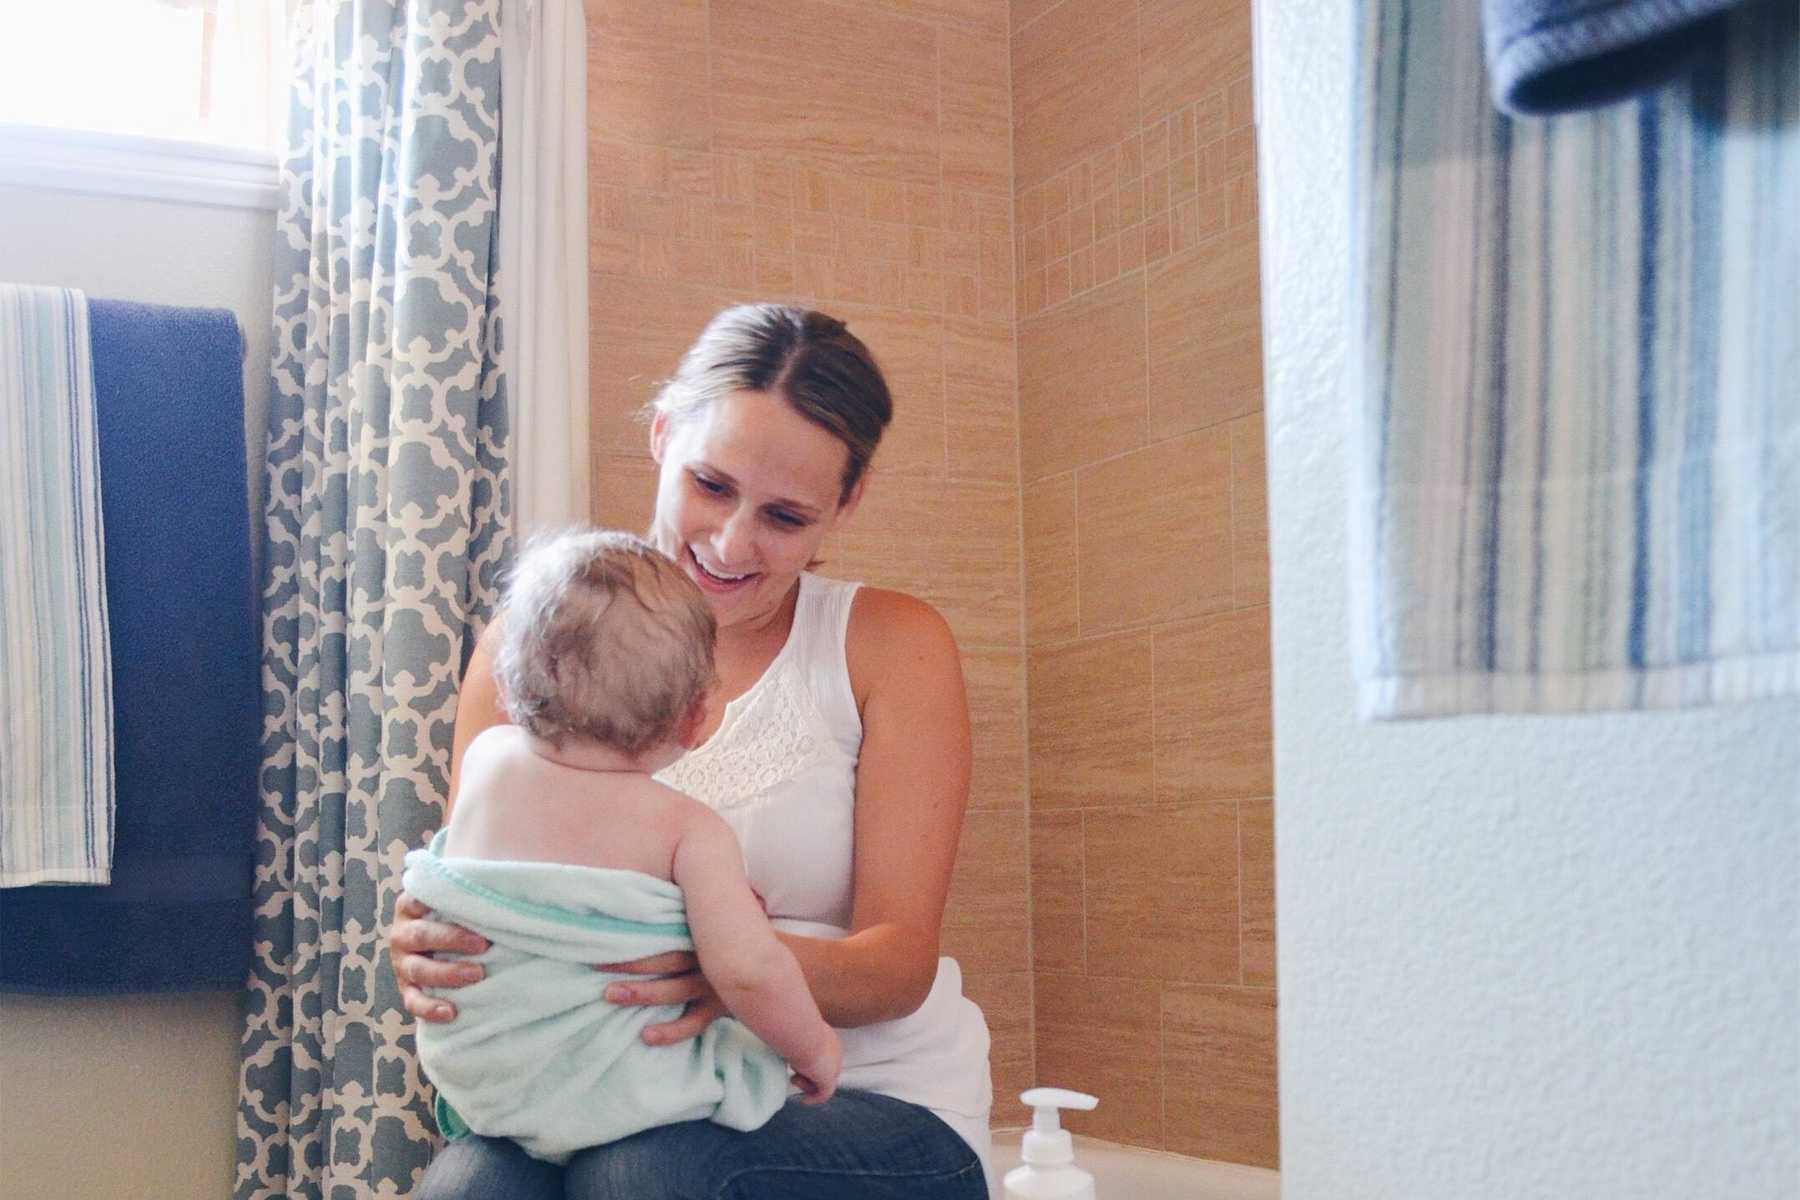 Dùng nước giặt, nước xả vải kém chất lượng gây hại đến sức khỏe trẻ nhỏ như thế nào? - Ảnh 4.